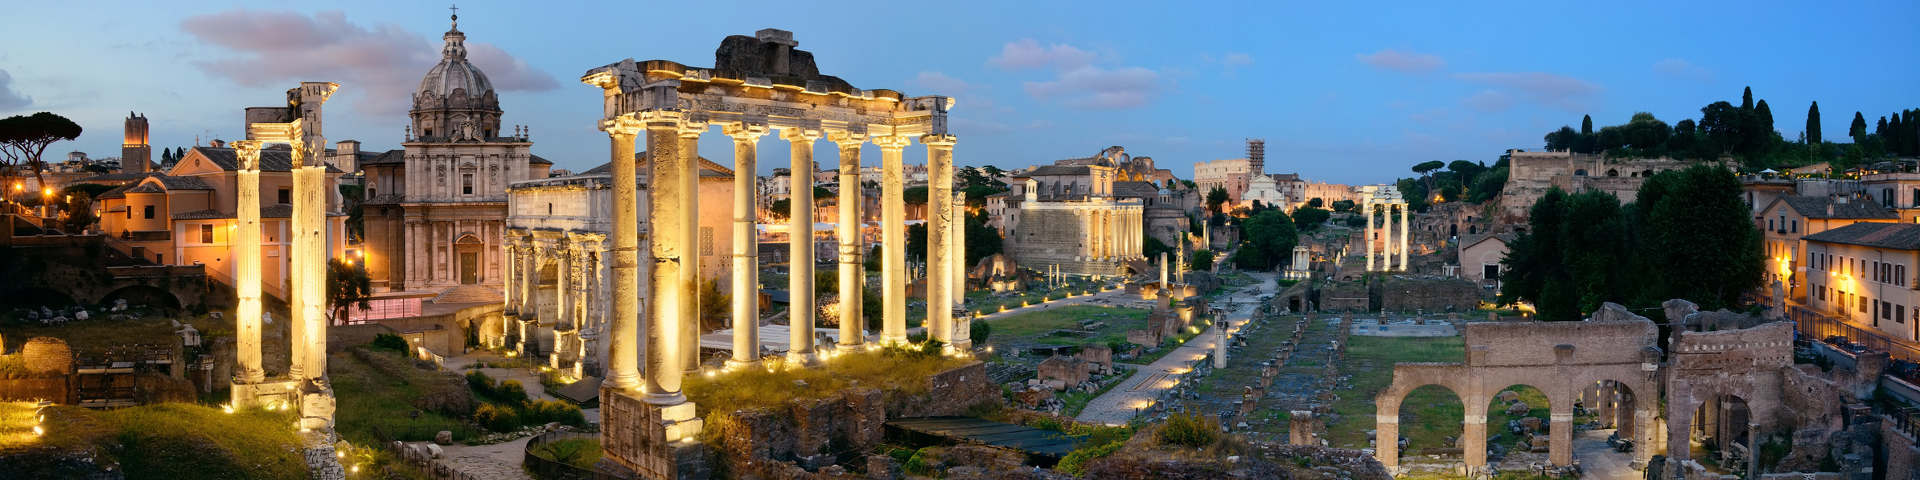 Rome hero2